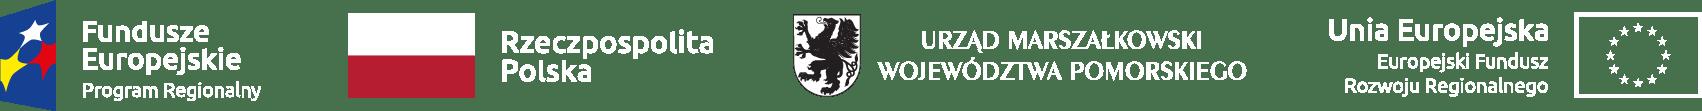 WiRan Projekty 2020 | Gdynia | Polska